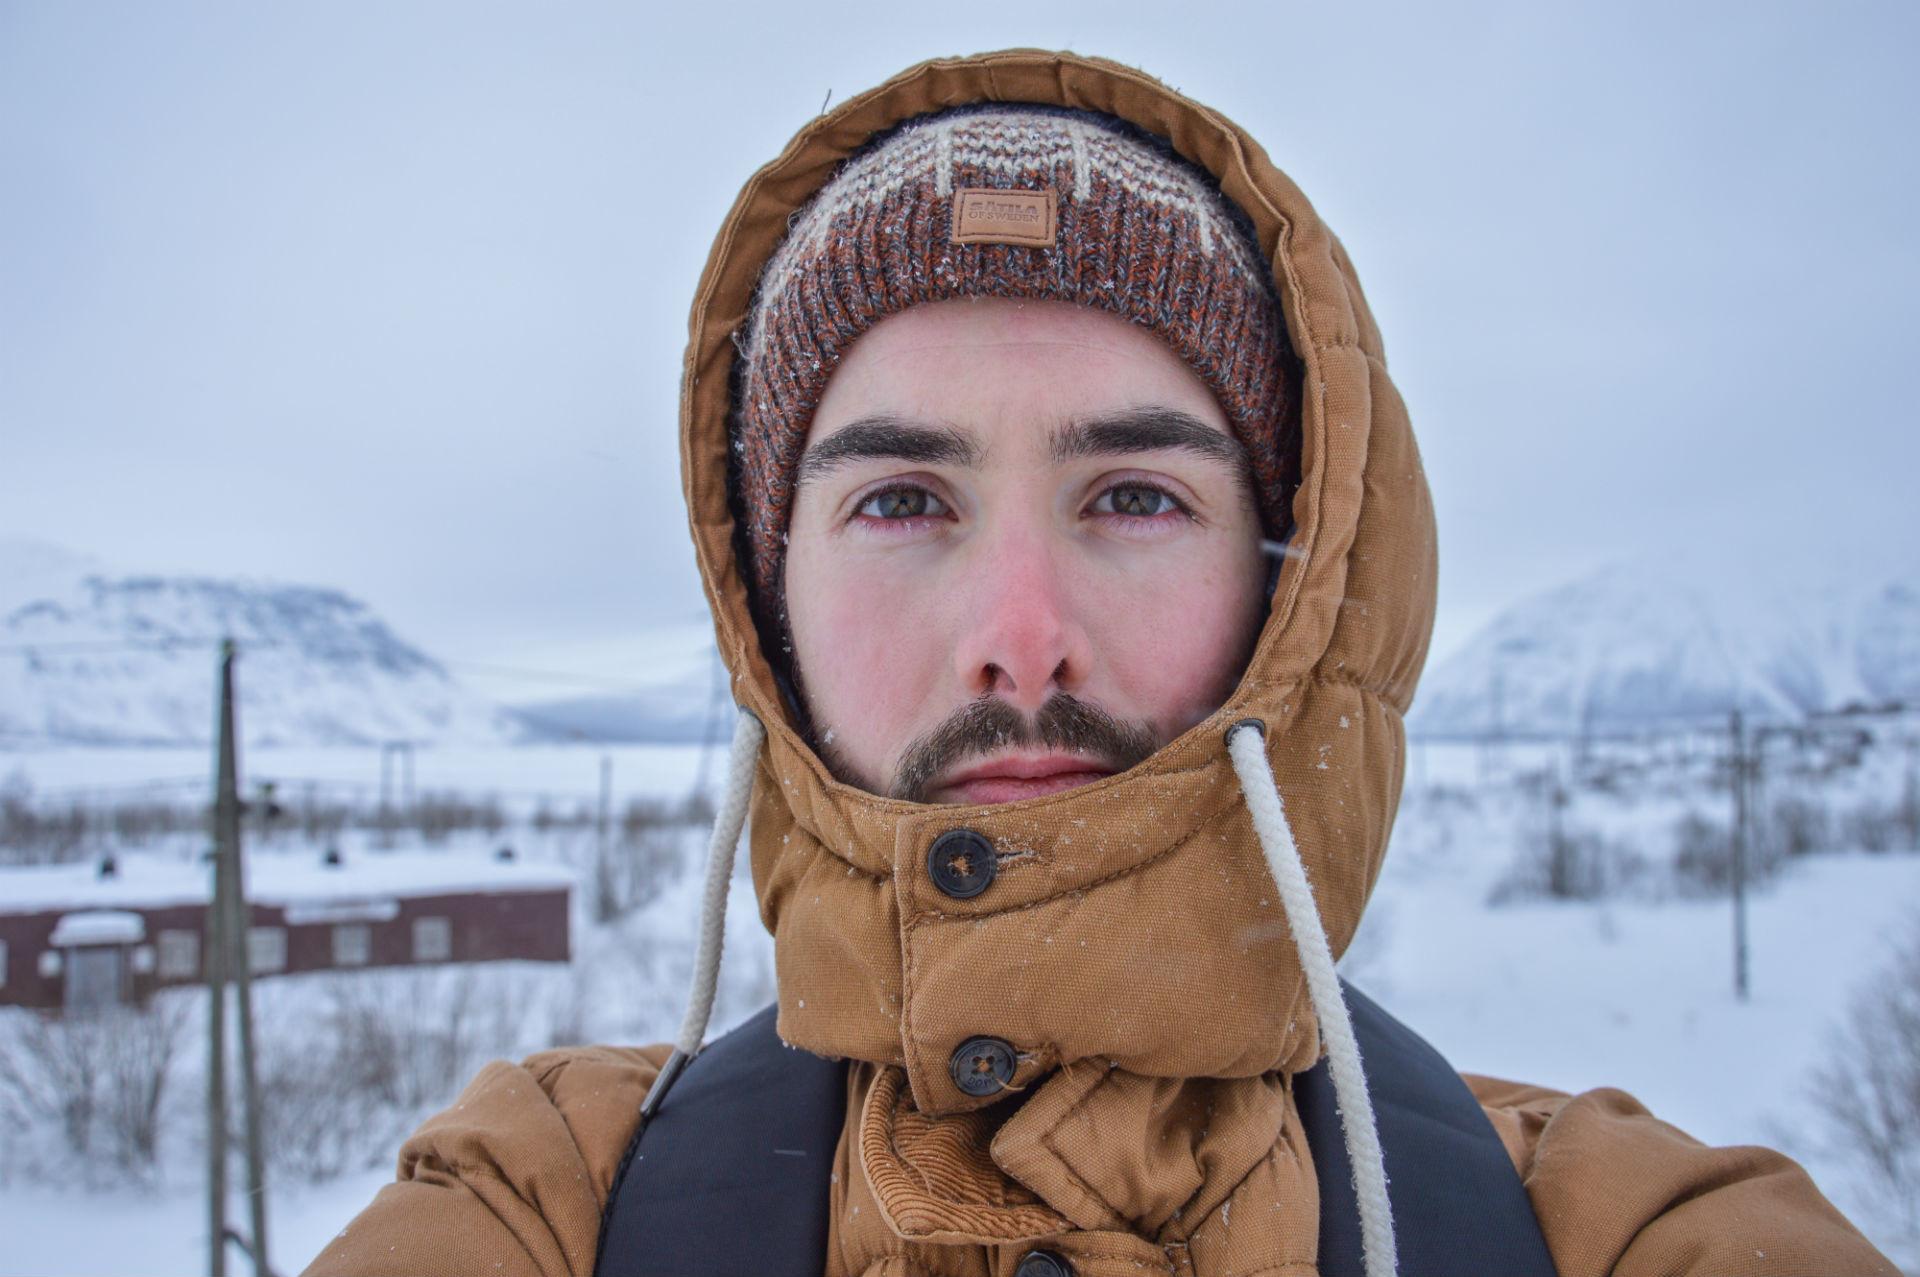 Mraz sicer ni nevzdržen, kot pravijo nekateri, vendar se je vseeno dobro toplo obleči.